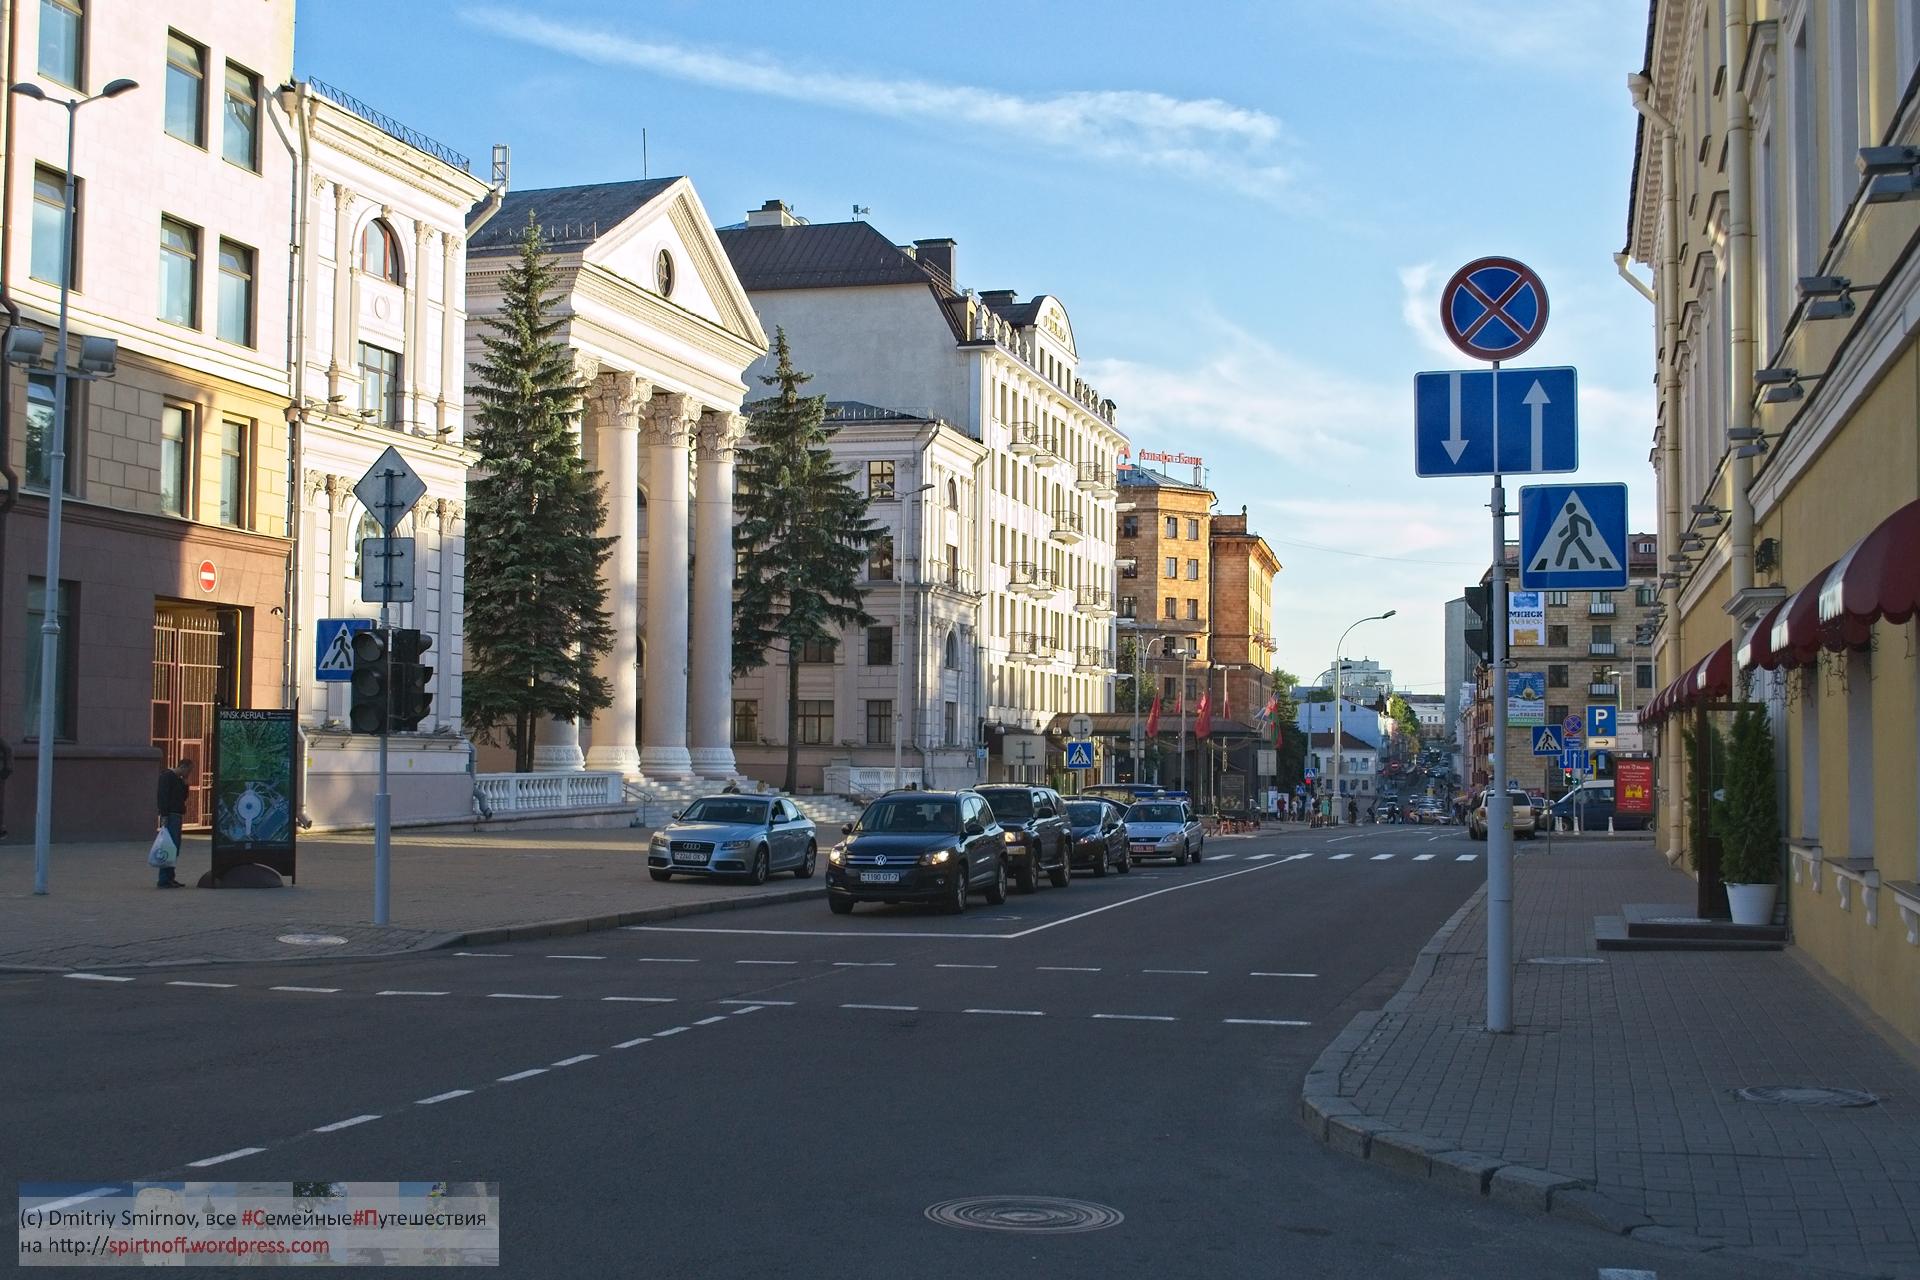 DSC_6895-Blog-48 Путешествия  Минск. Немига, Площадь Независимости